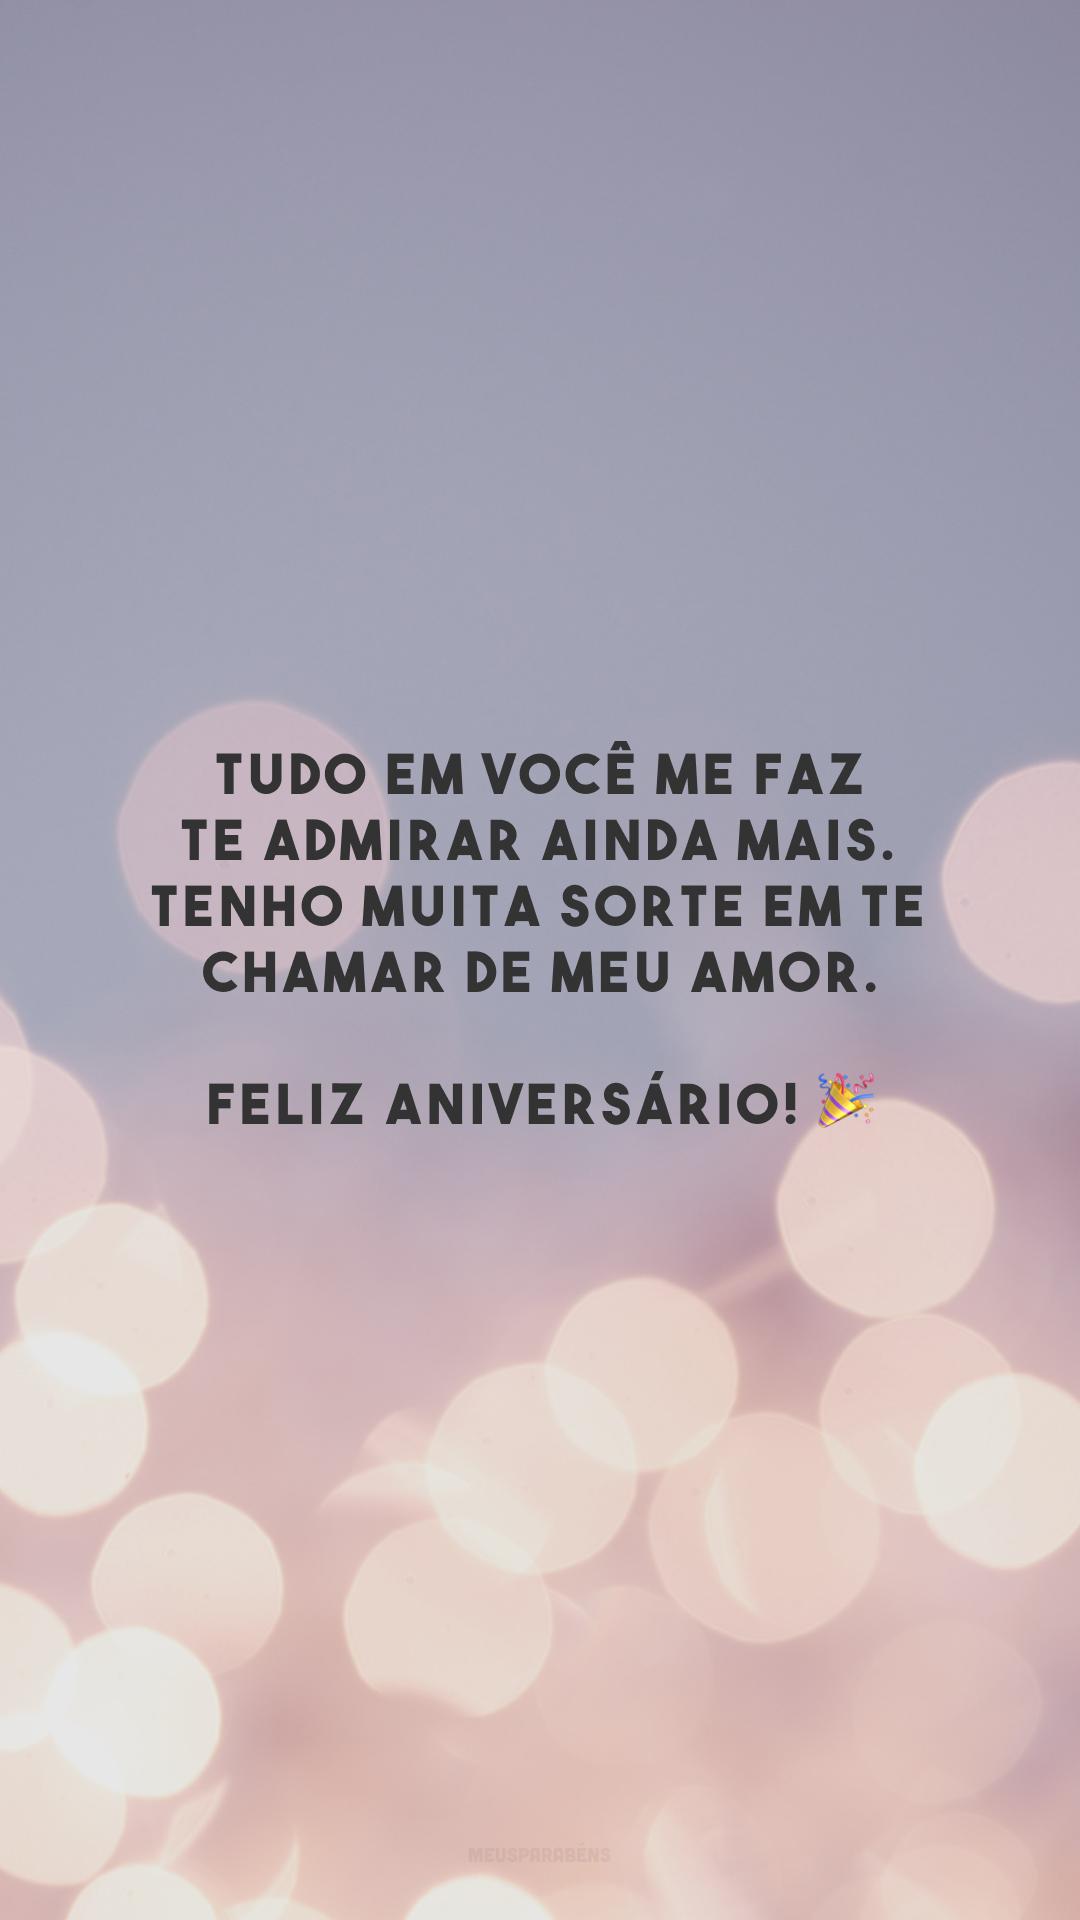 Tudo em você me faz te admirar ainda mais. Tenho muita sorte em te chamar de meu amor. Feliz aniversário! 🎉